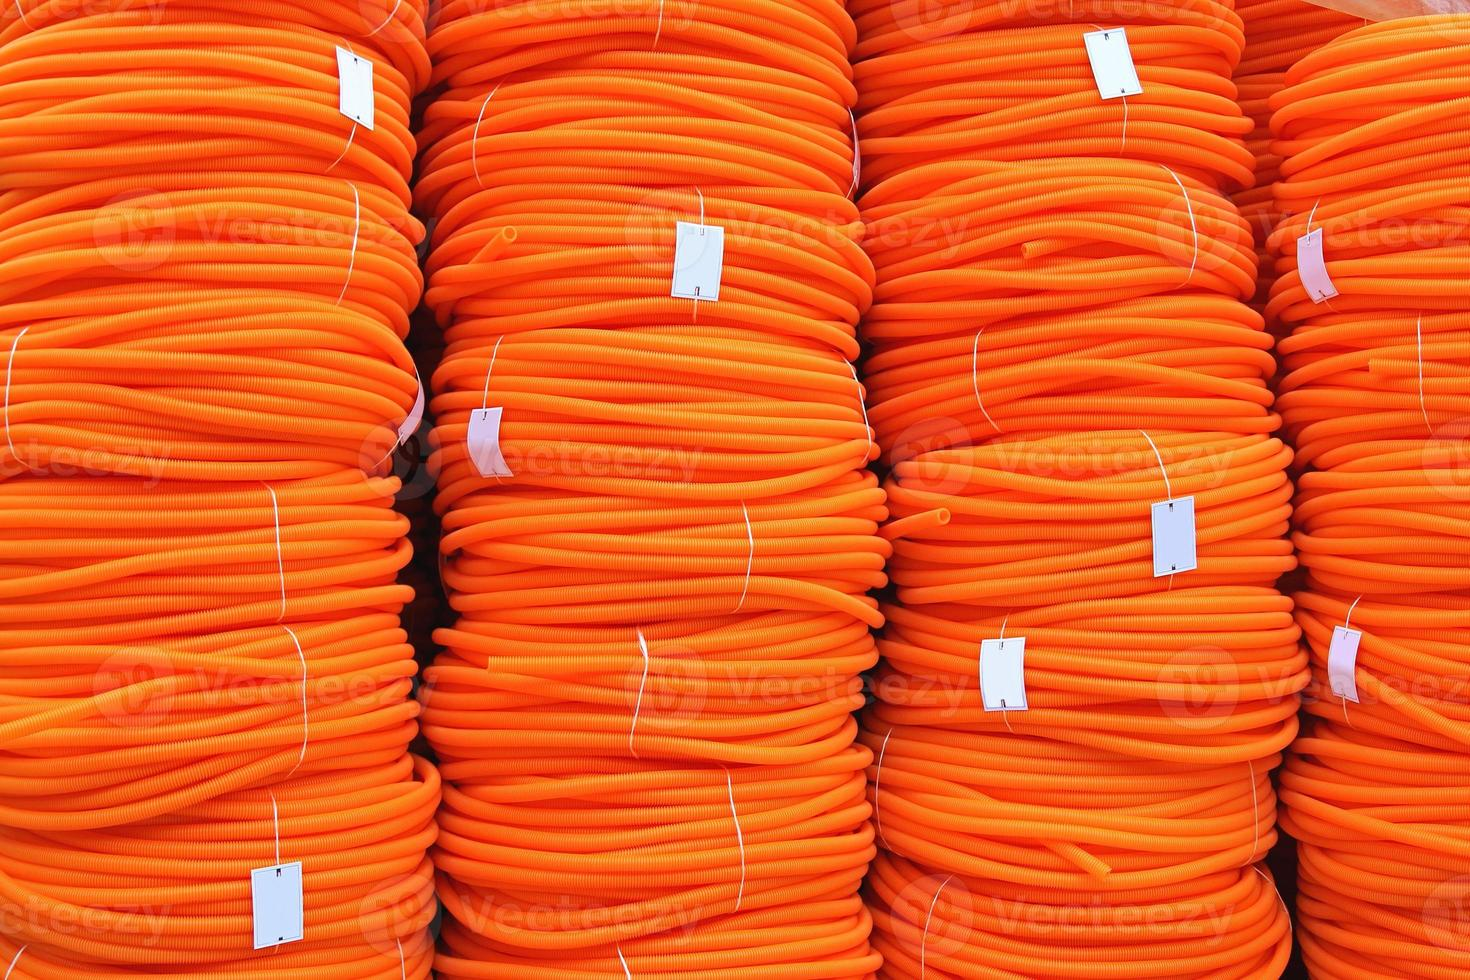 Orange Hose Coils photo